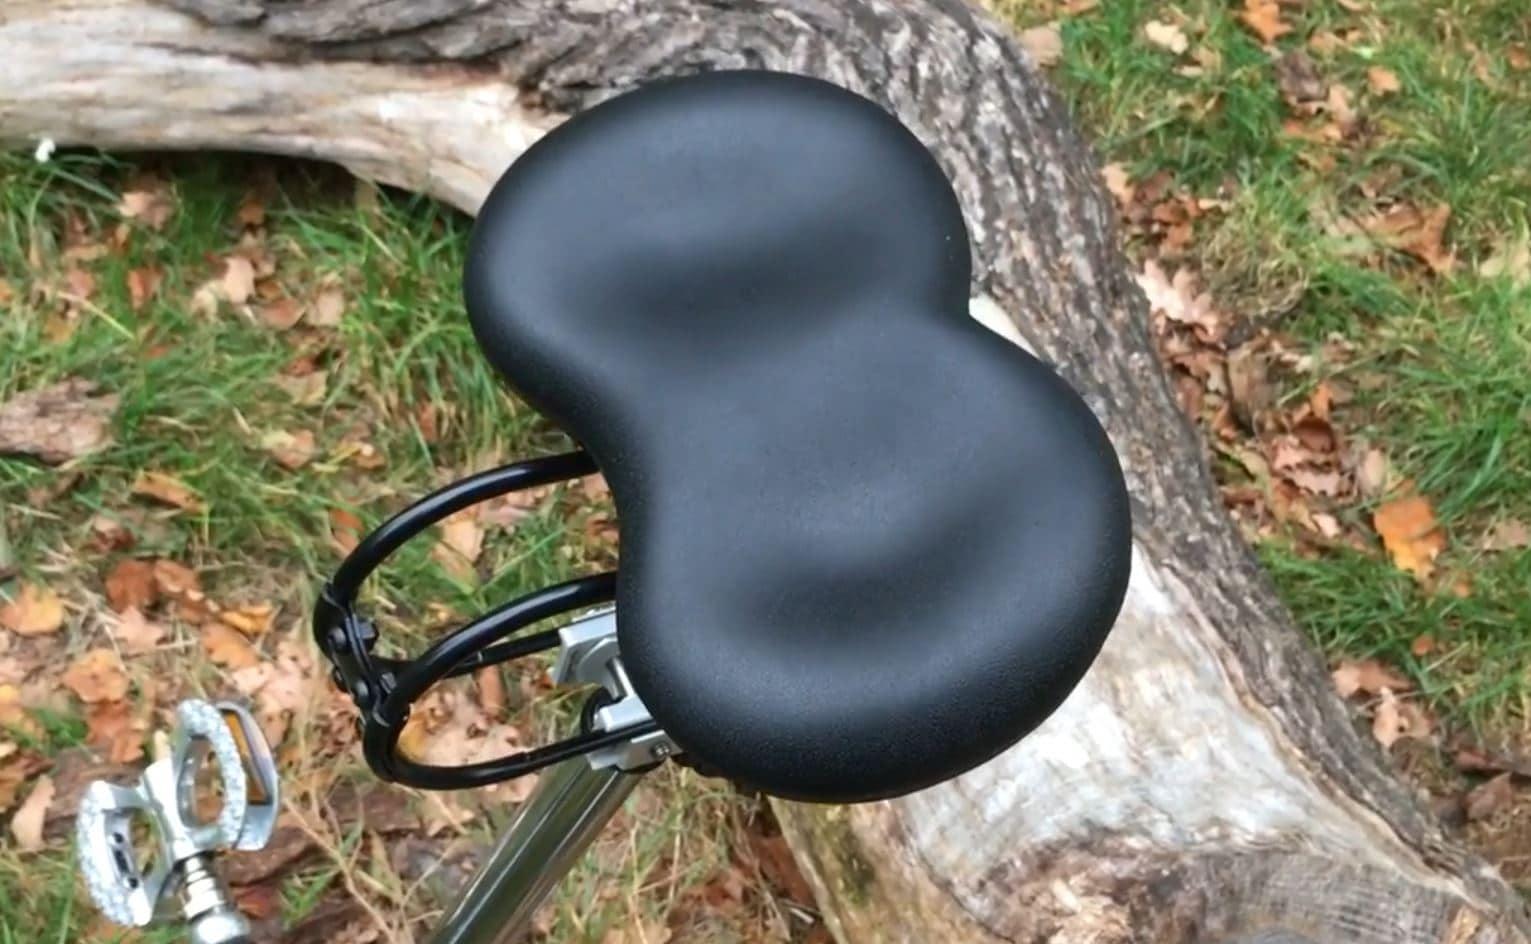 noseless bike seat